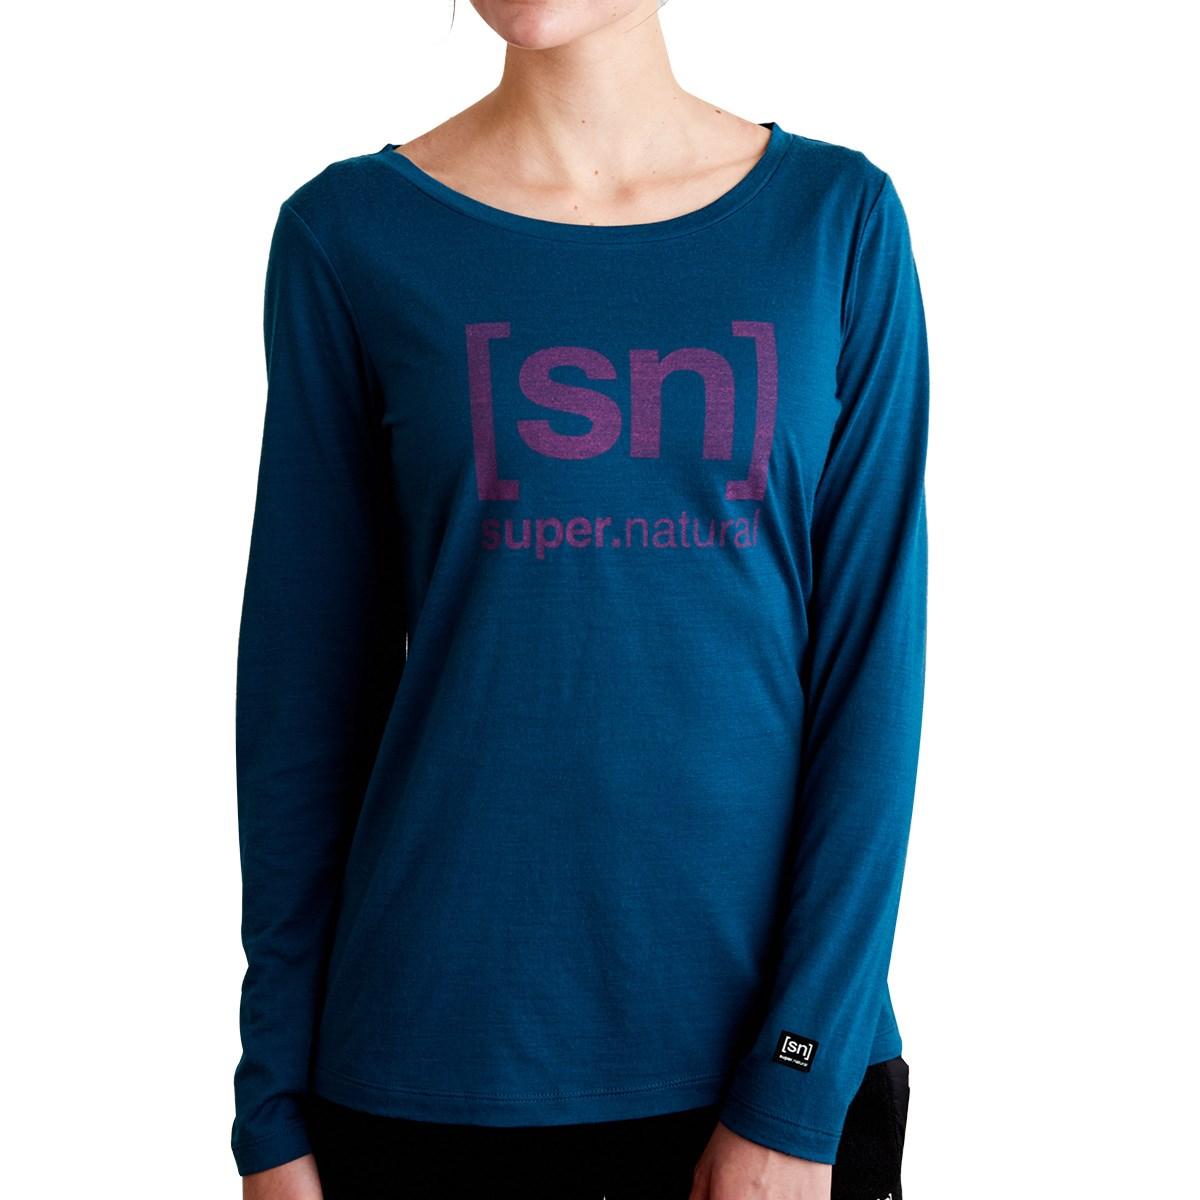 スーパーナチュラル [sn]super.natural ESSENTIAL I.D. 長袖Tシャツ S ブルー I52 レディス